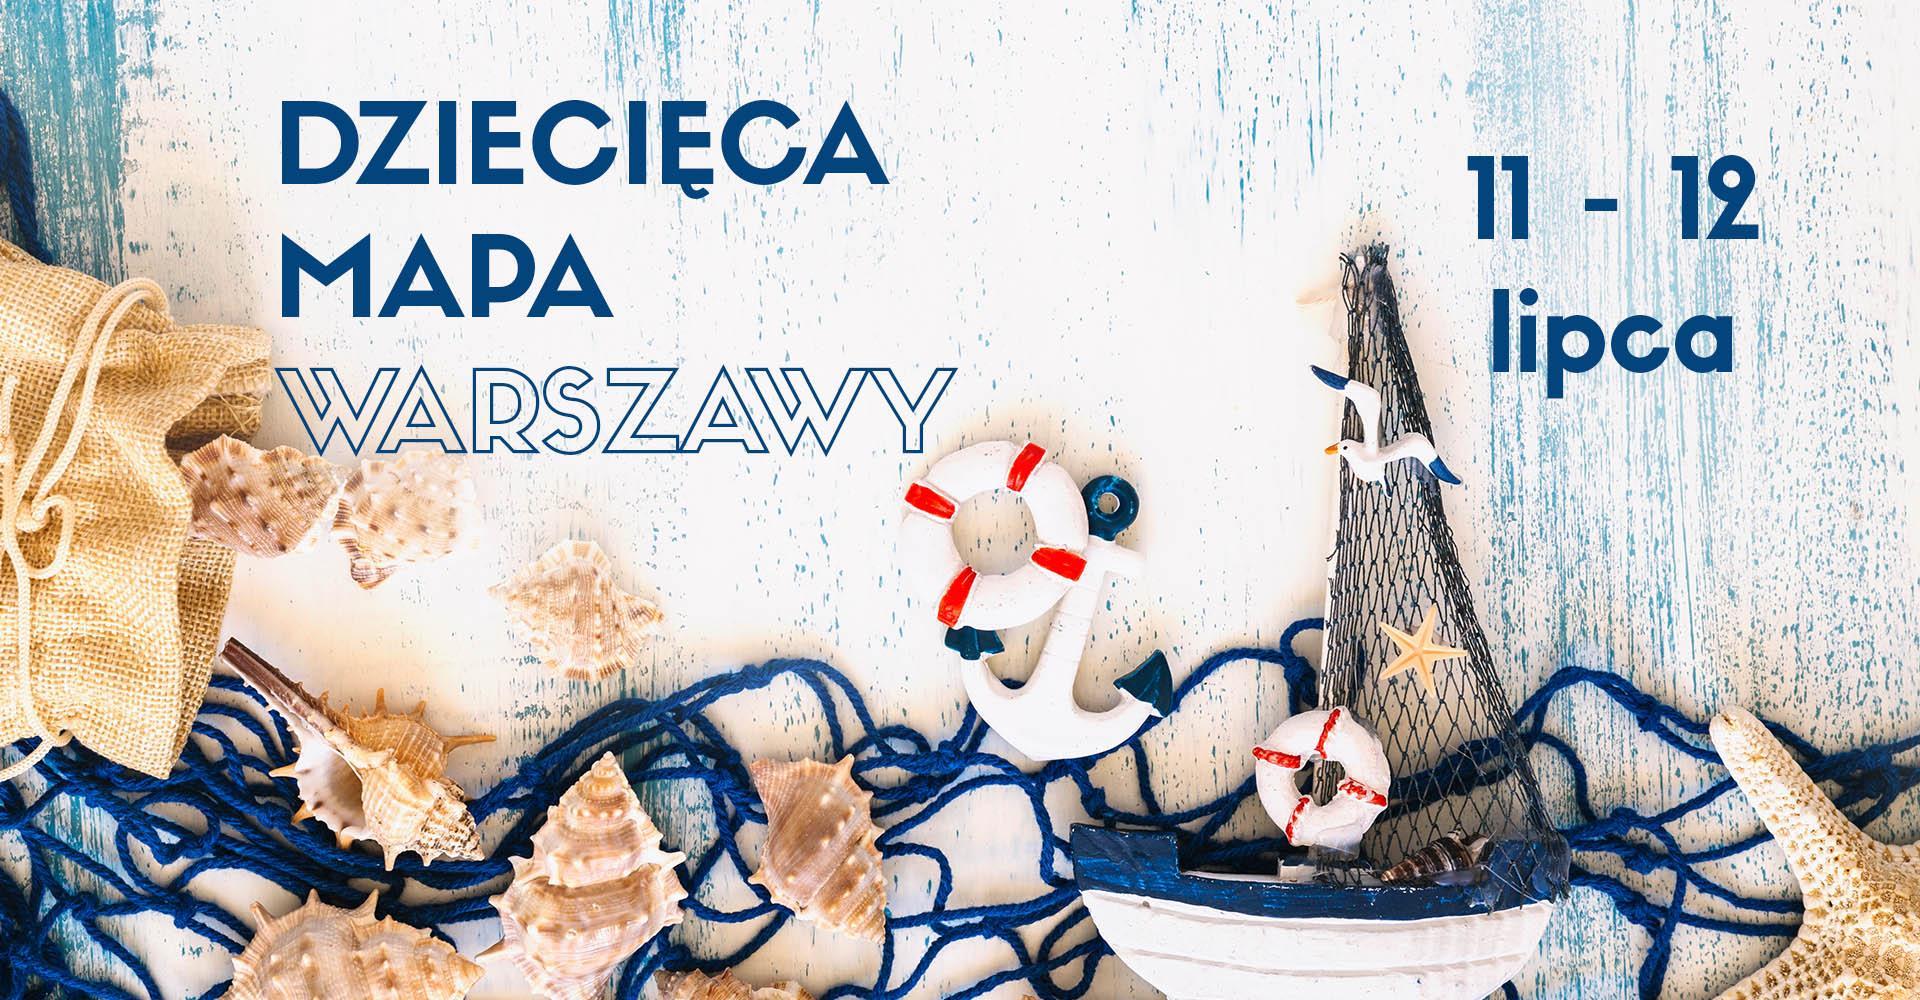 Weekendowa Zajawka, czyli zaplanuj rodzinny weekend w Warszawie (11-12 lipca)